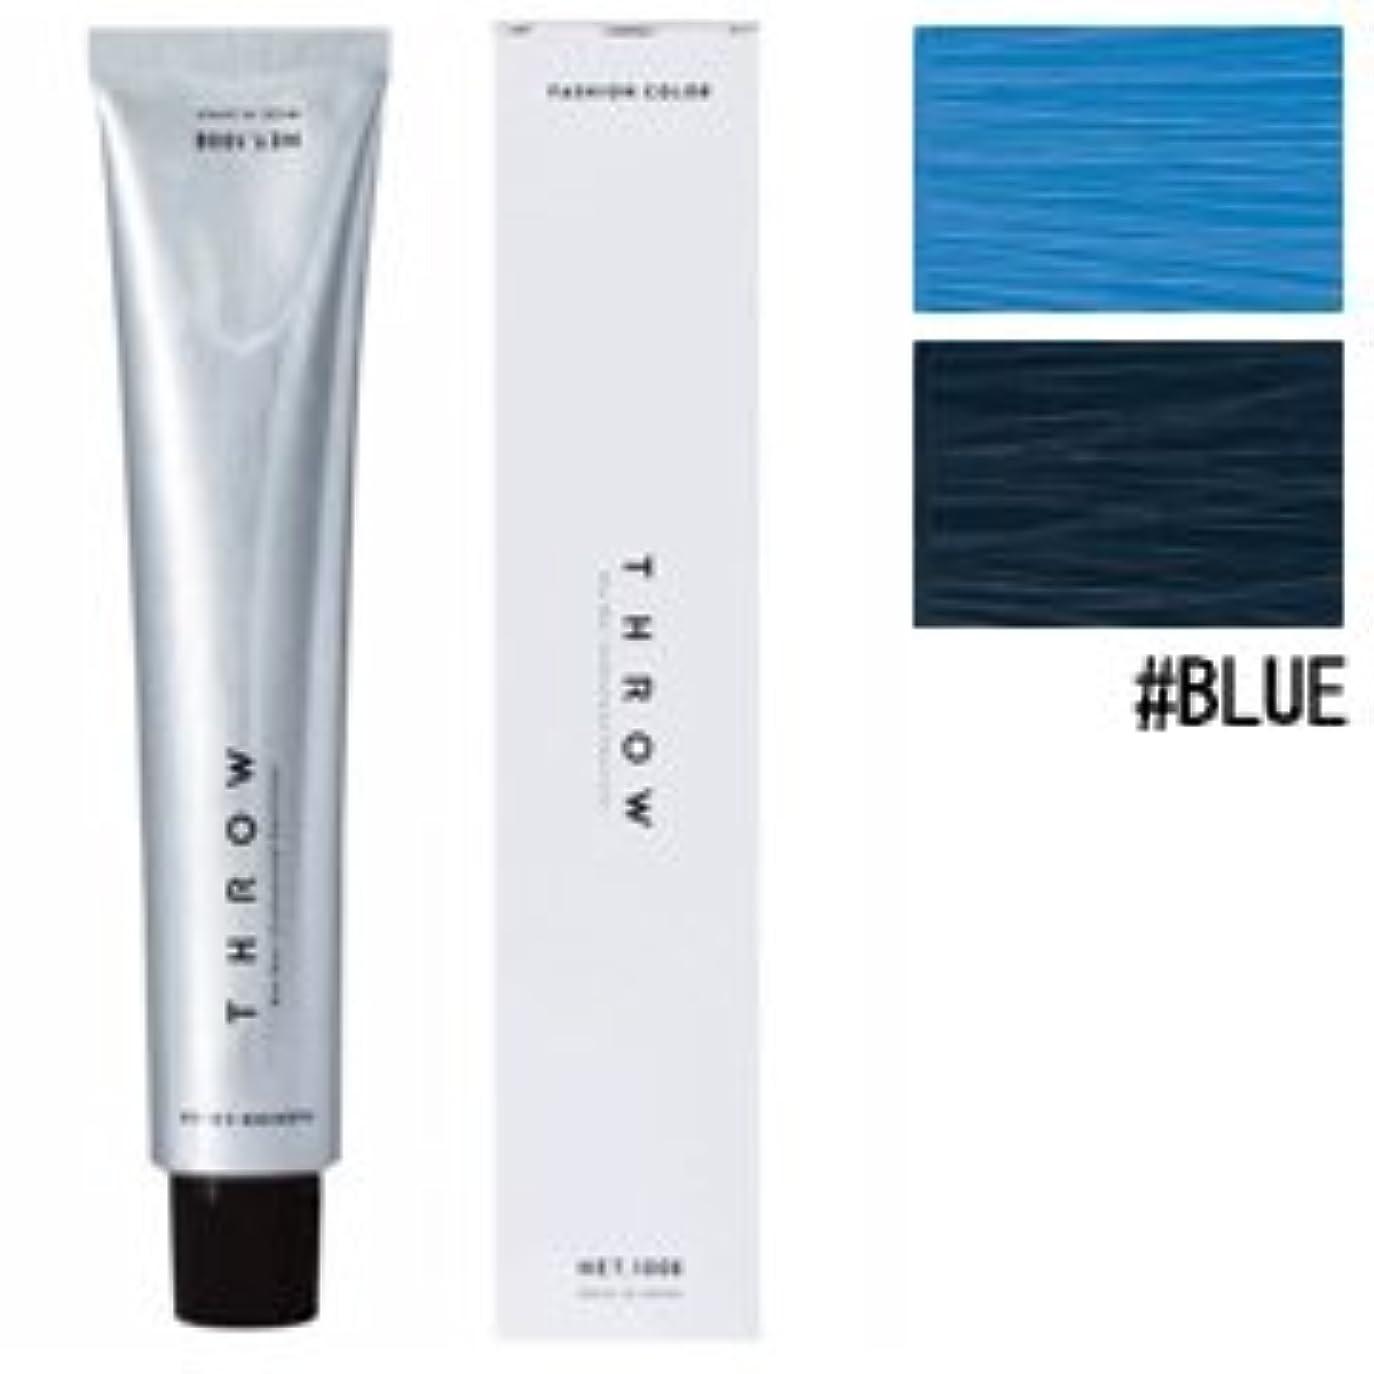 経由でのためはさみ【モルトベーネ】スロウ ファッションカラー #BLUE 100g